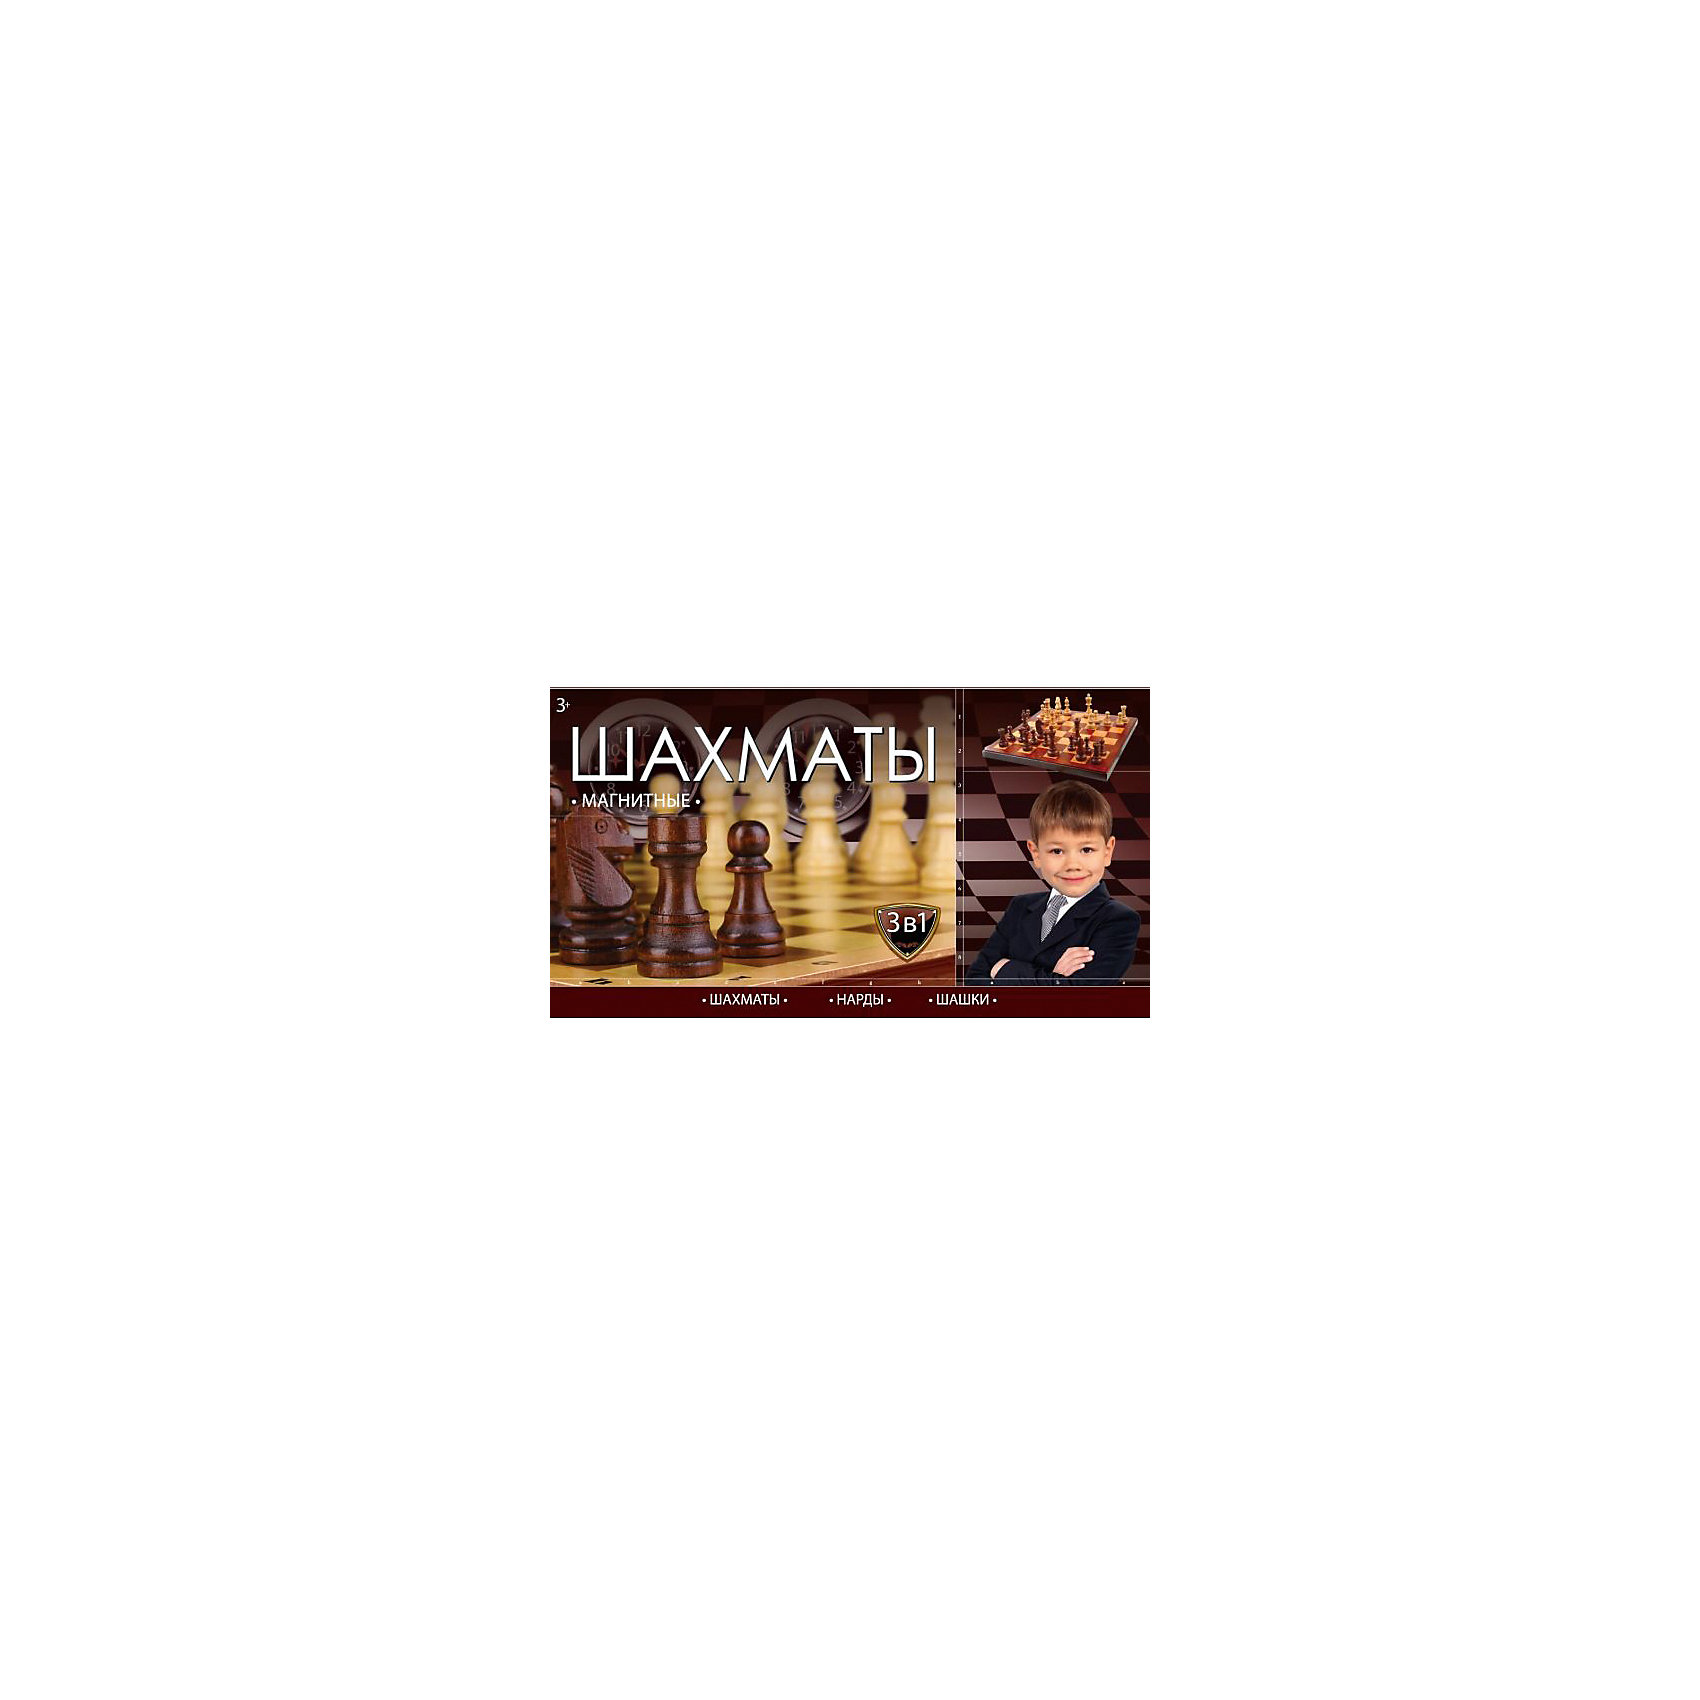 Шахматы магнитные 3-В-1 ( шахматы, шашки, нарды), Играем вместеСпортивные настольные игры<br>Набор из 3 магнитных игр ( шахматы, шашки, нарды) Все игры развивают логическое и стратегическое мышление. Все 3 игры собраны в 1 компактной коробочке, что позволит взять ее с осбой в путешетствие. Игры изготовлены из качественного пластика.<br><br>Ширина мм: 30<br>Глубина мм: 110<br>Высота мм: 200<br>Вес г: 230<br>Возраст от месяцев: 72<br>Возраст до месяцев: 2147483647<br>Пол: Унисекс<br>Возраст: Детский<br>SKU: 5099059